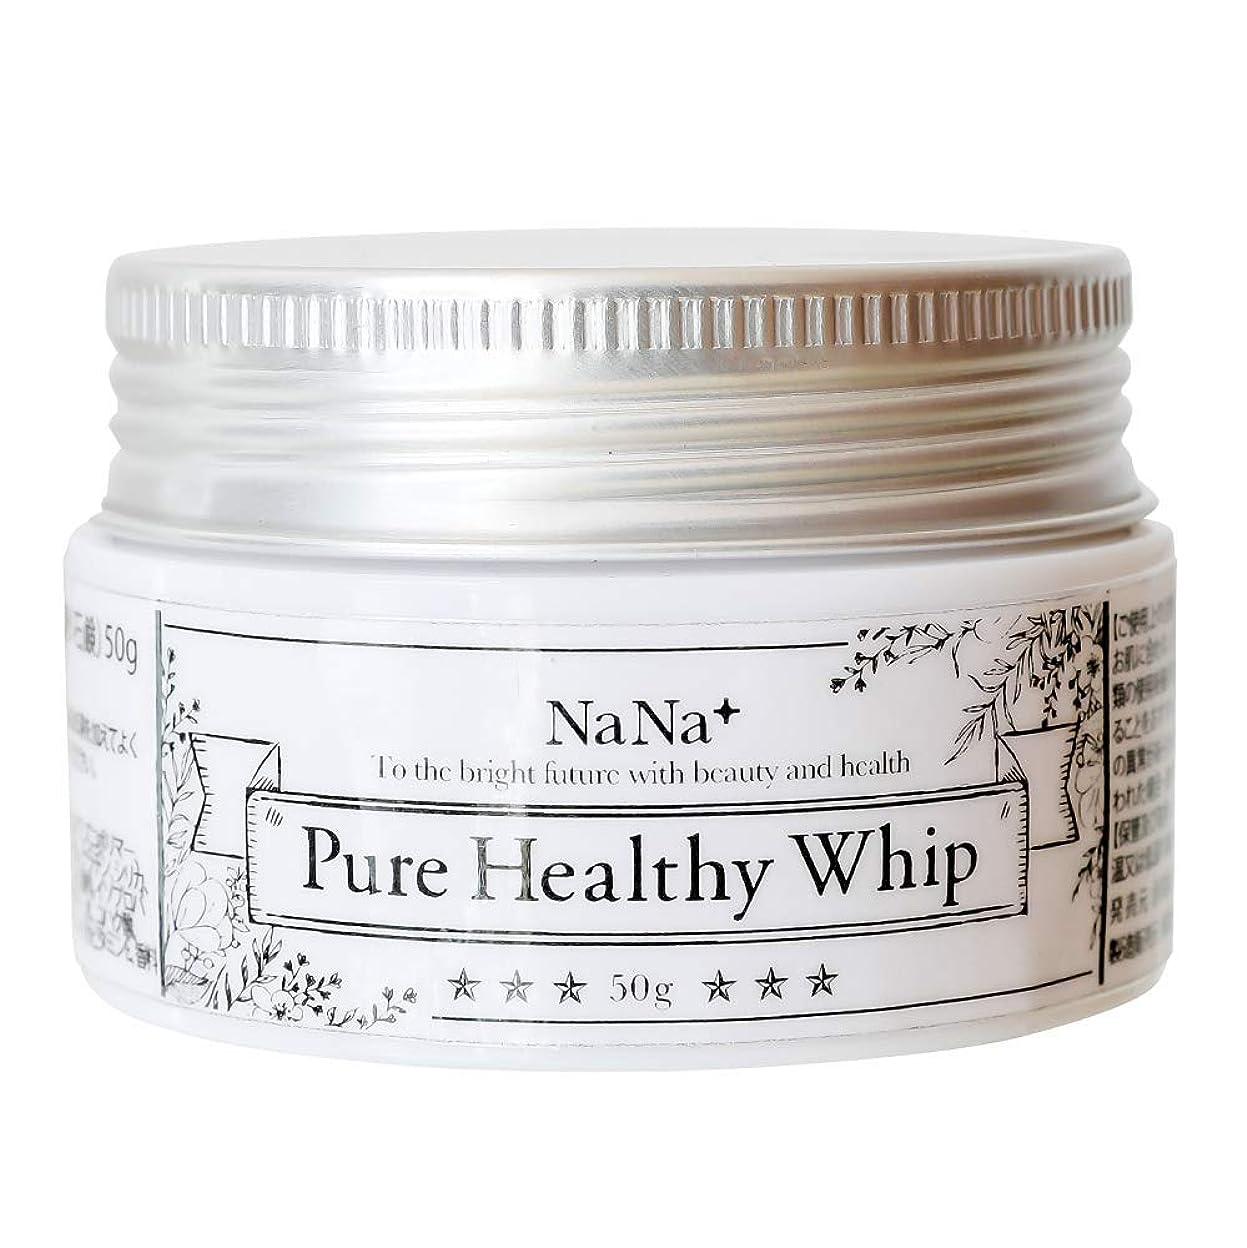 治療毎回一月洗顔 生せっけん 敏感肌 乾燥肌 の 毛穴 くすみ 黒ずみ ケア 肌に優しい無添加  nana+ピュアヘルシーホイップ